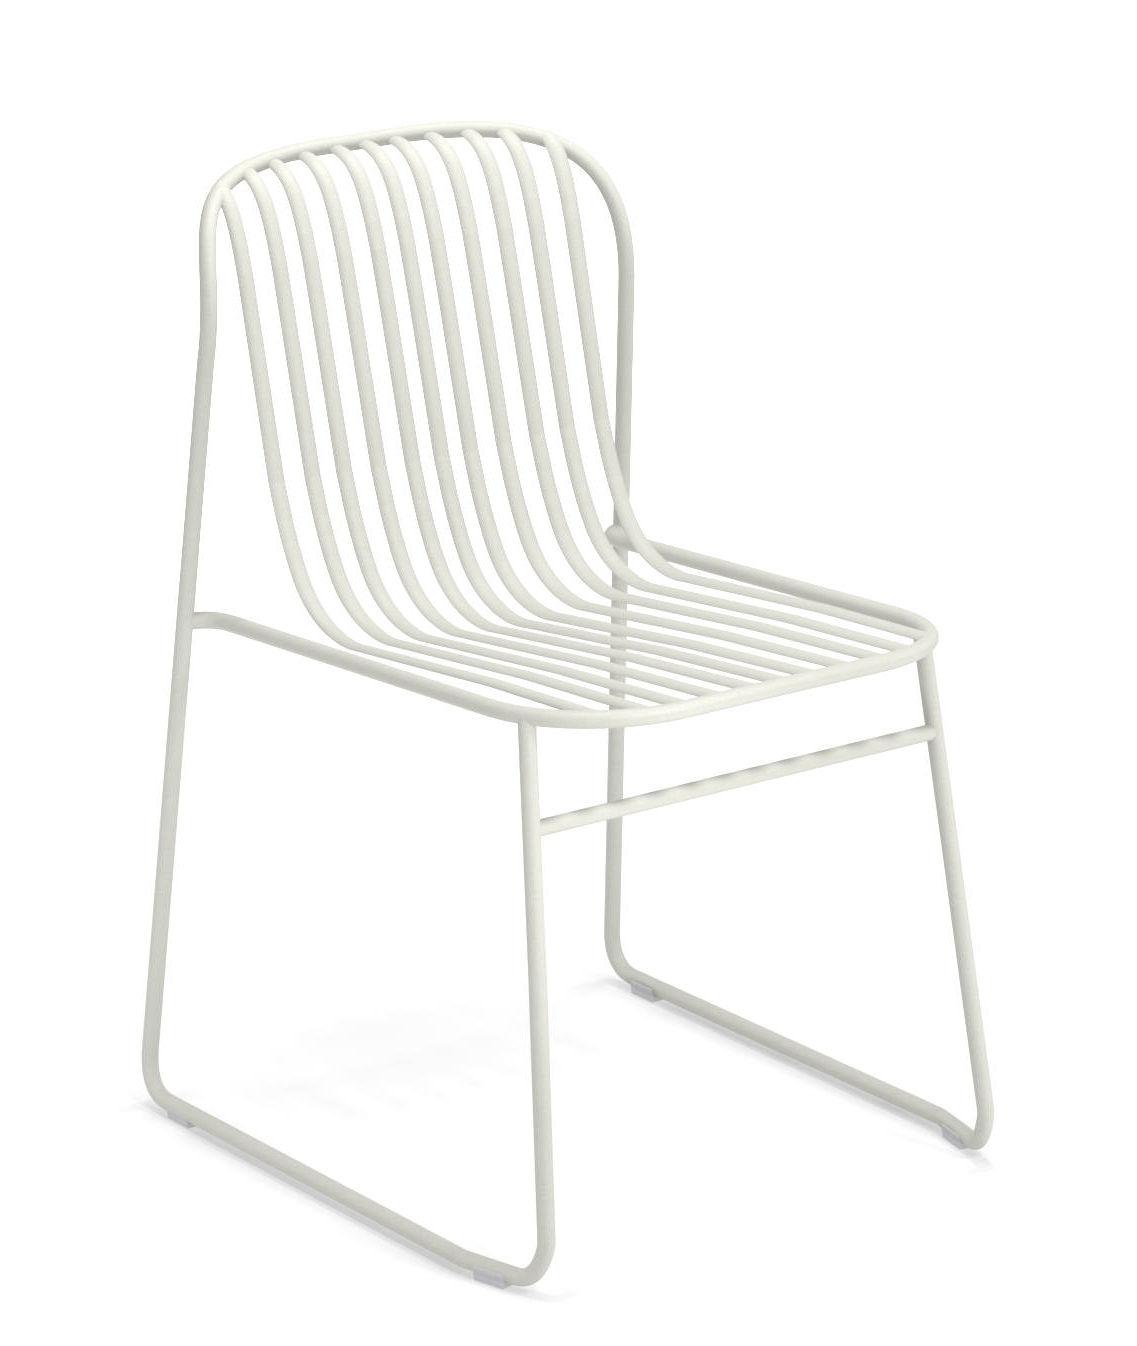 Mobilier - Chaises, fauteuils de salle à manger - Chaise empilable Riviera / Métal - Emu - Blanc - Acier verni